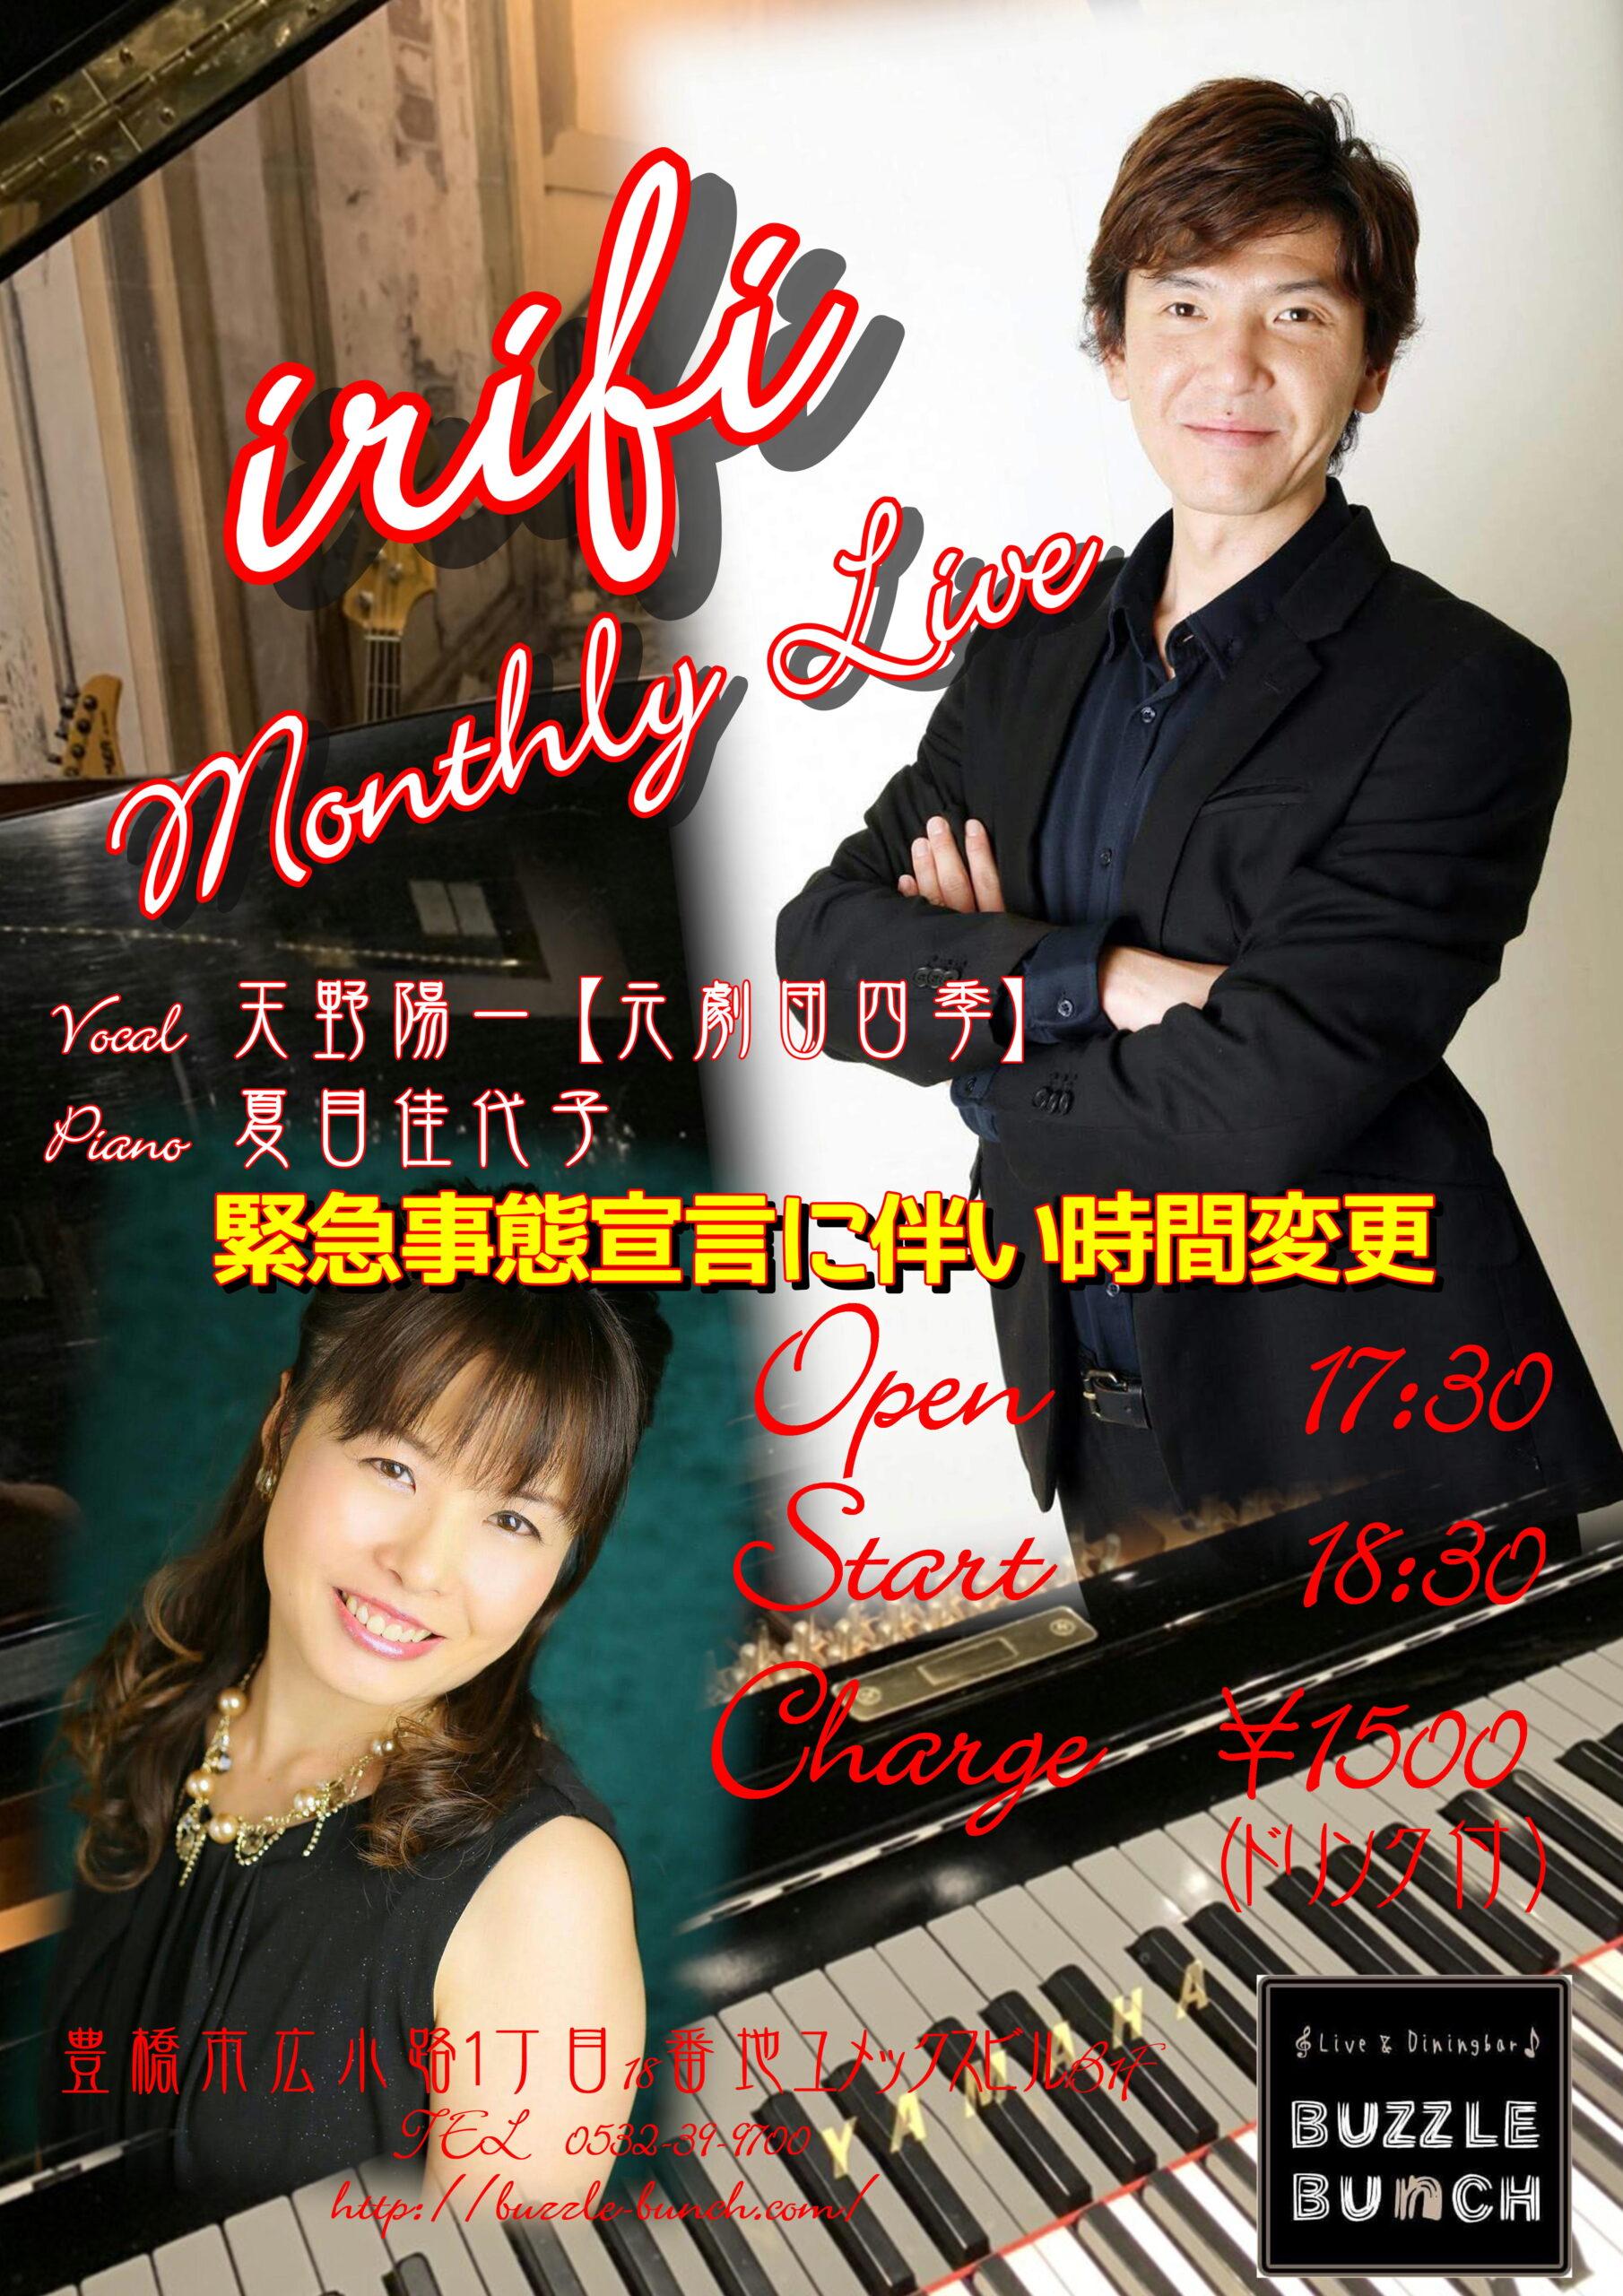 2021年9月11日(土) ~irifi~ Monthly  Live 開催 時間変更